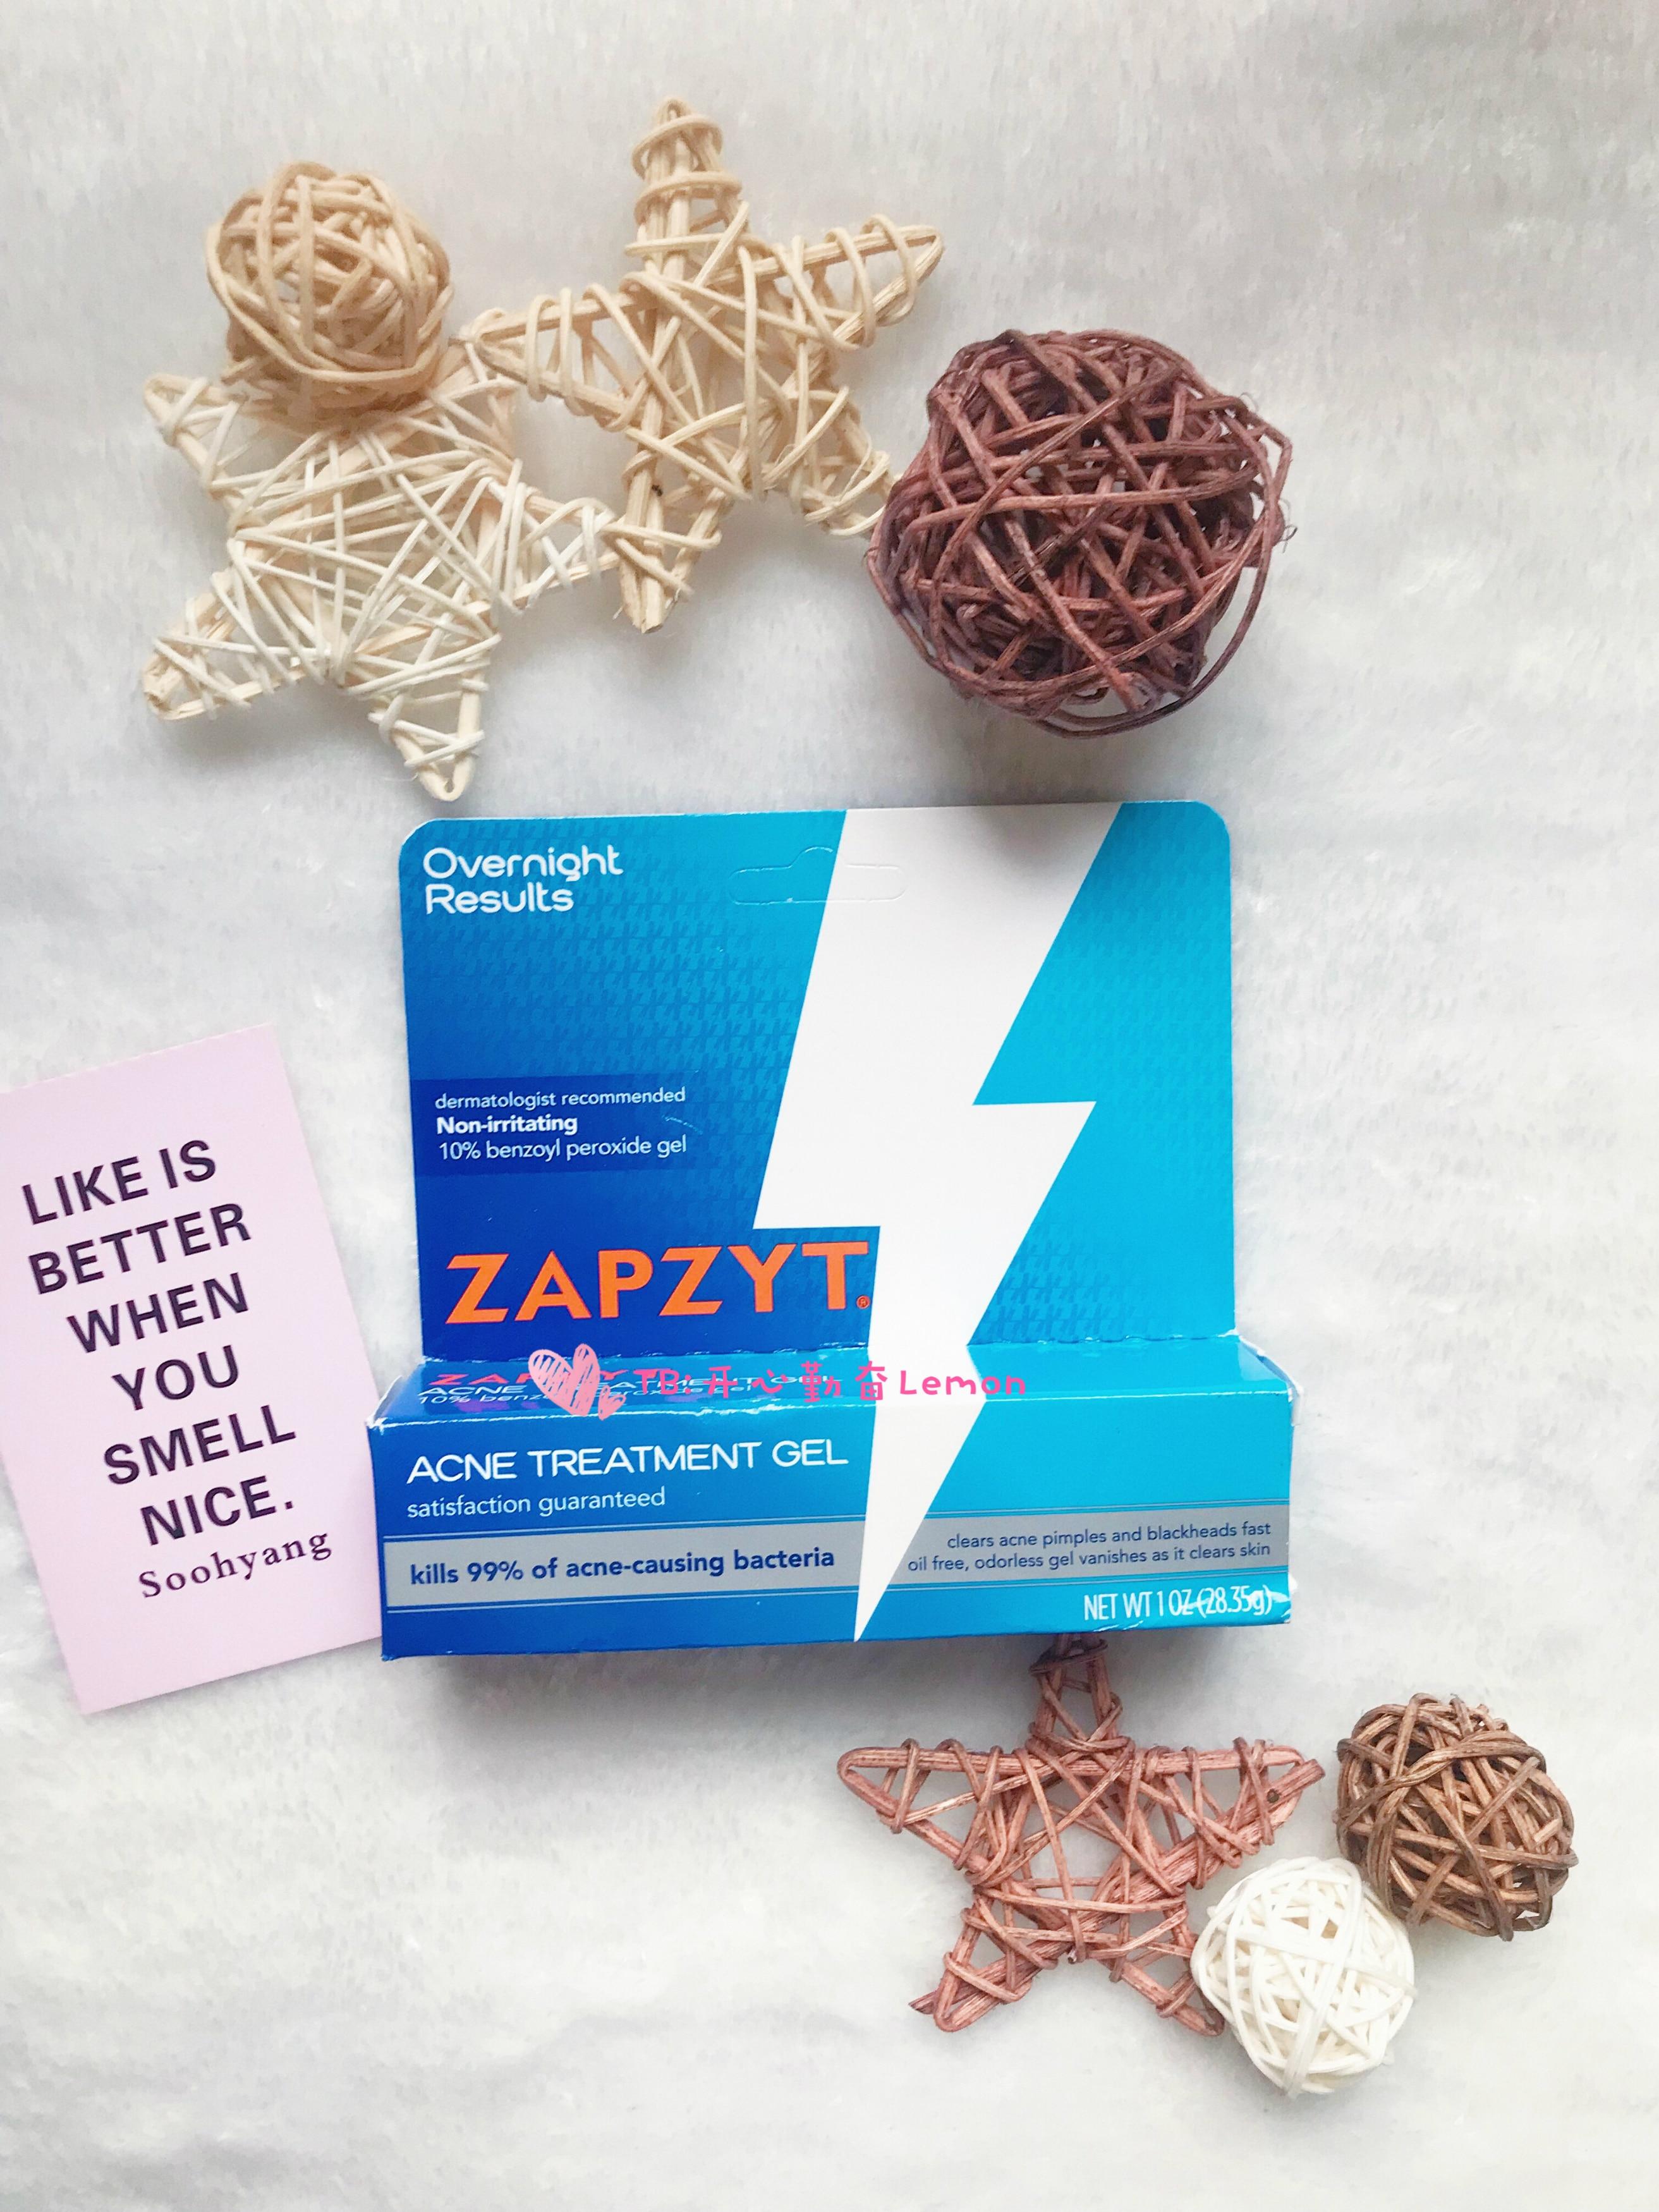 Zapzyt Acne Treatment Gel Benzoyl Peroxide Gel 10% 28.35g